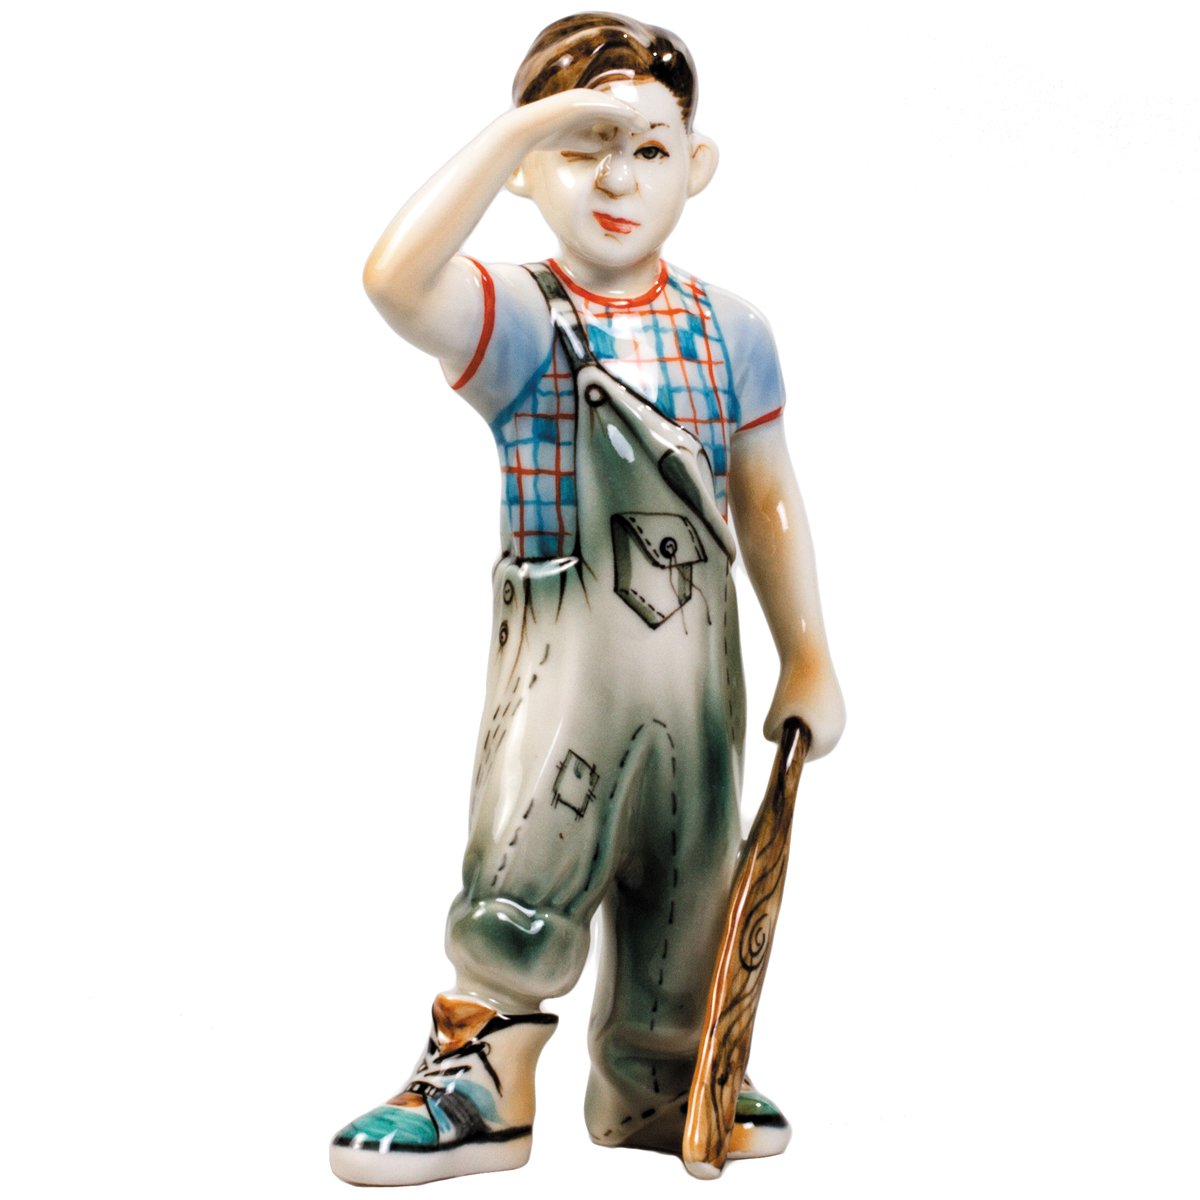 高品質の激安 磁器Figurines – Boy 磁器Figurines Boy Playing Lapta Playing B01MZD9TK2, チョウナンマチ:8ca738a3 --- arcego.dominiotemporario.com